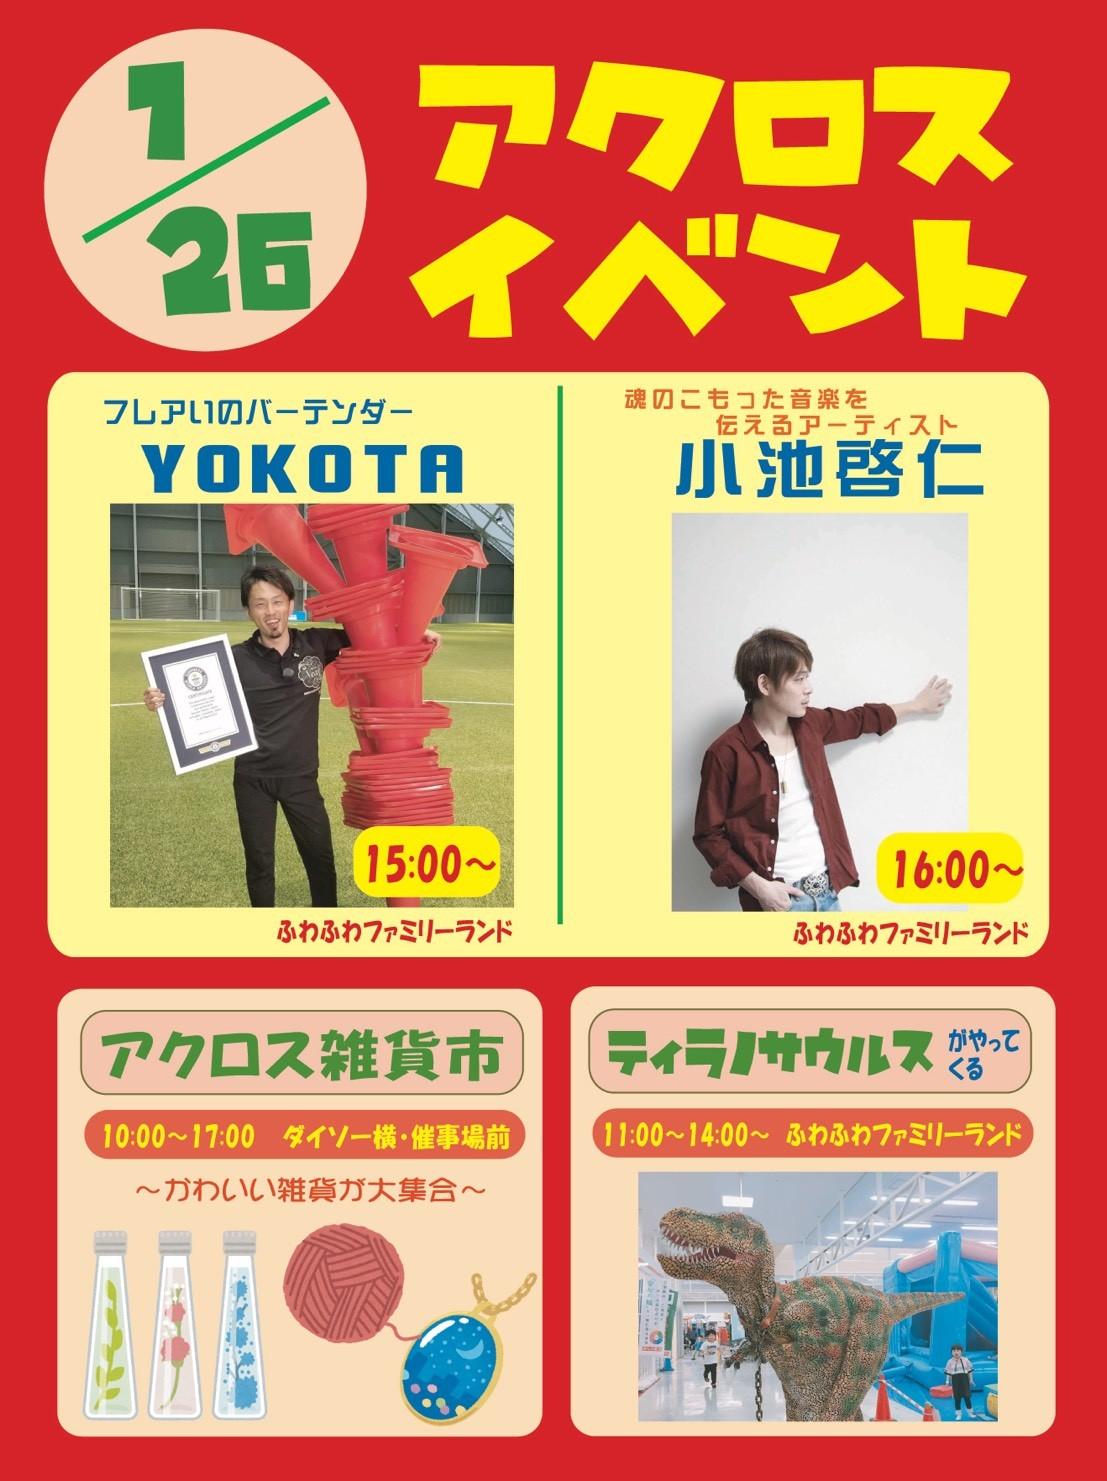 1月のゲスト!小池啓仁さんとイベント!